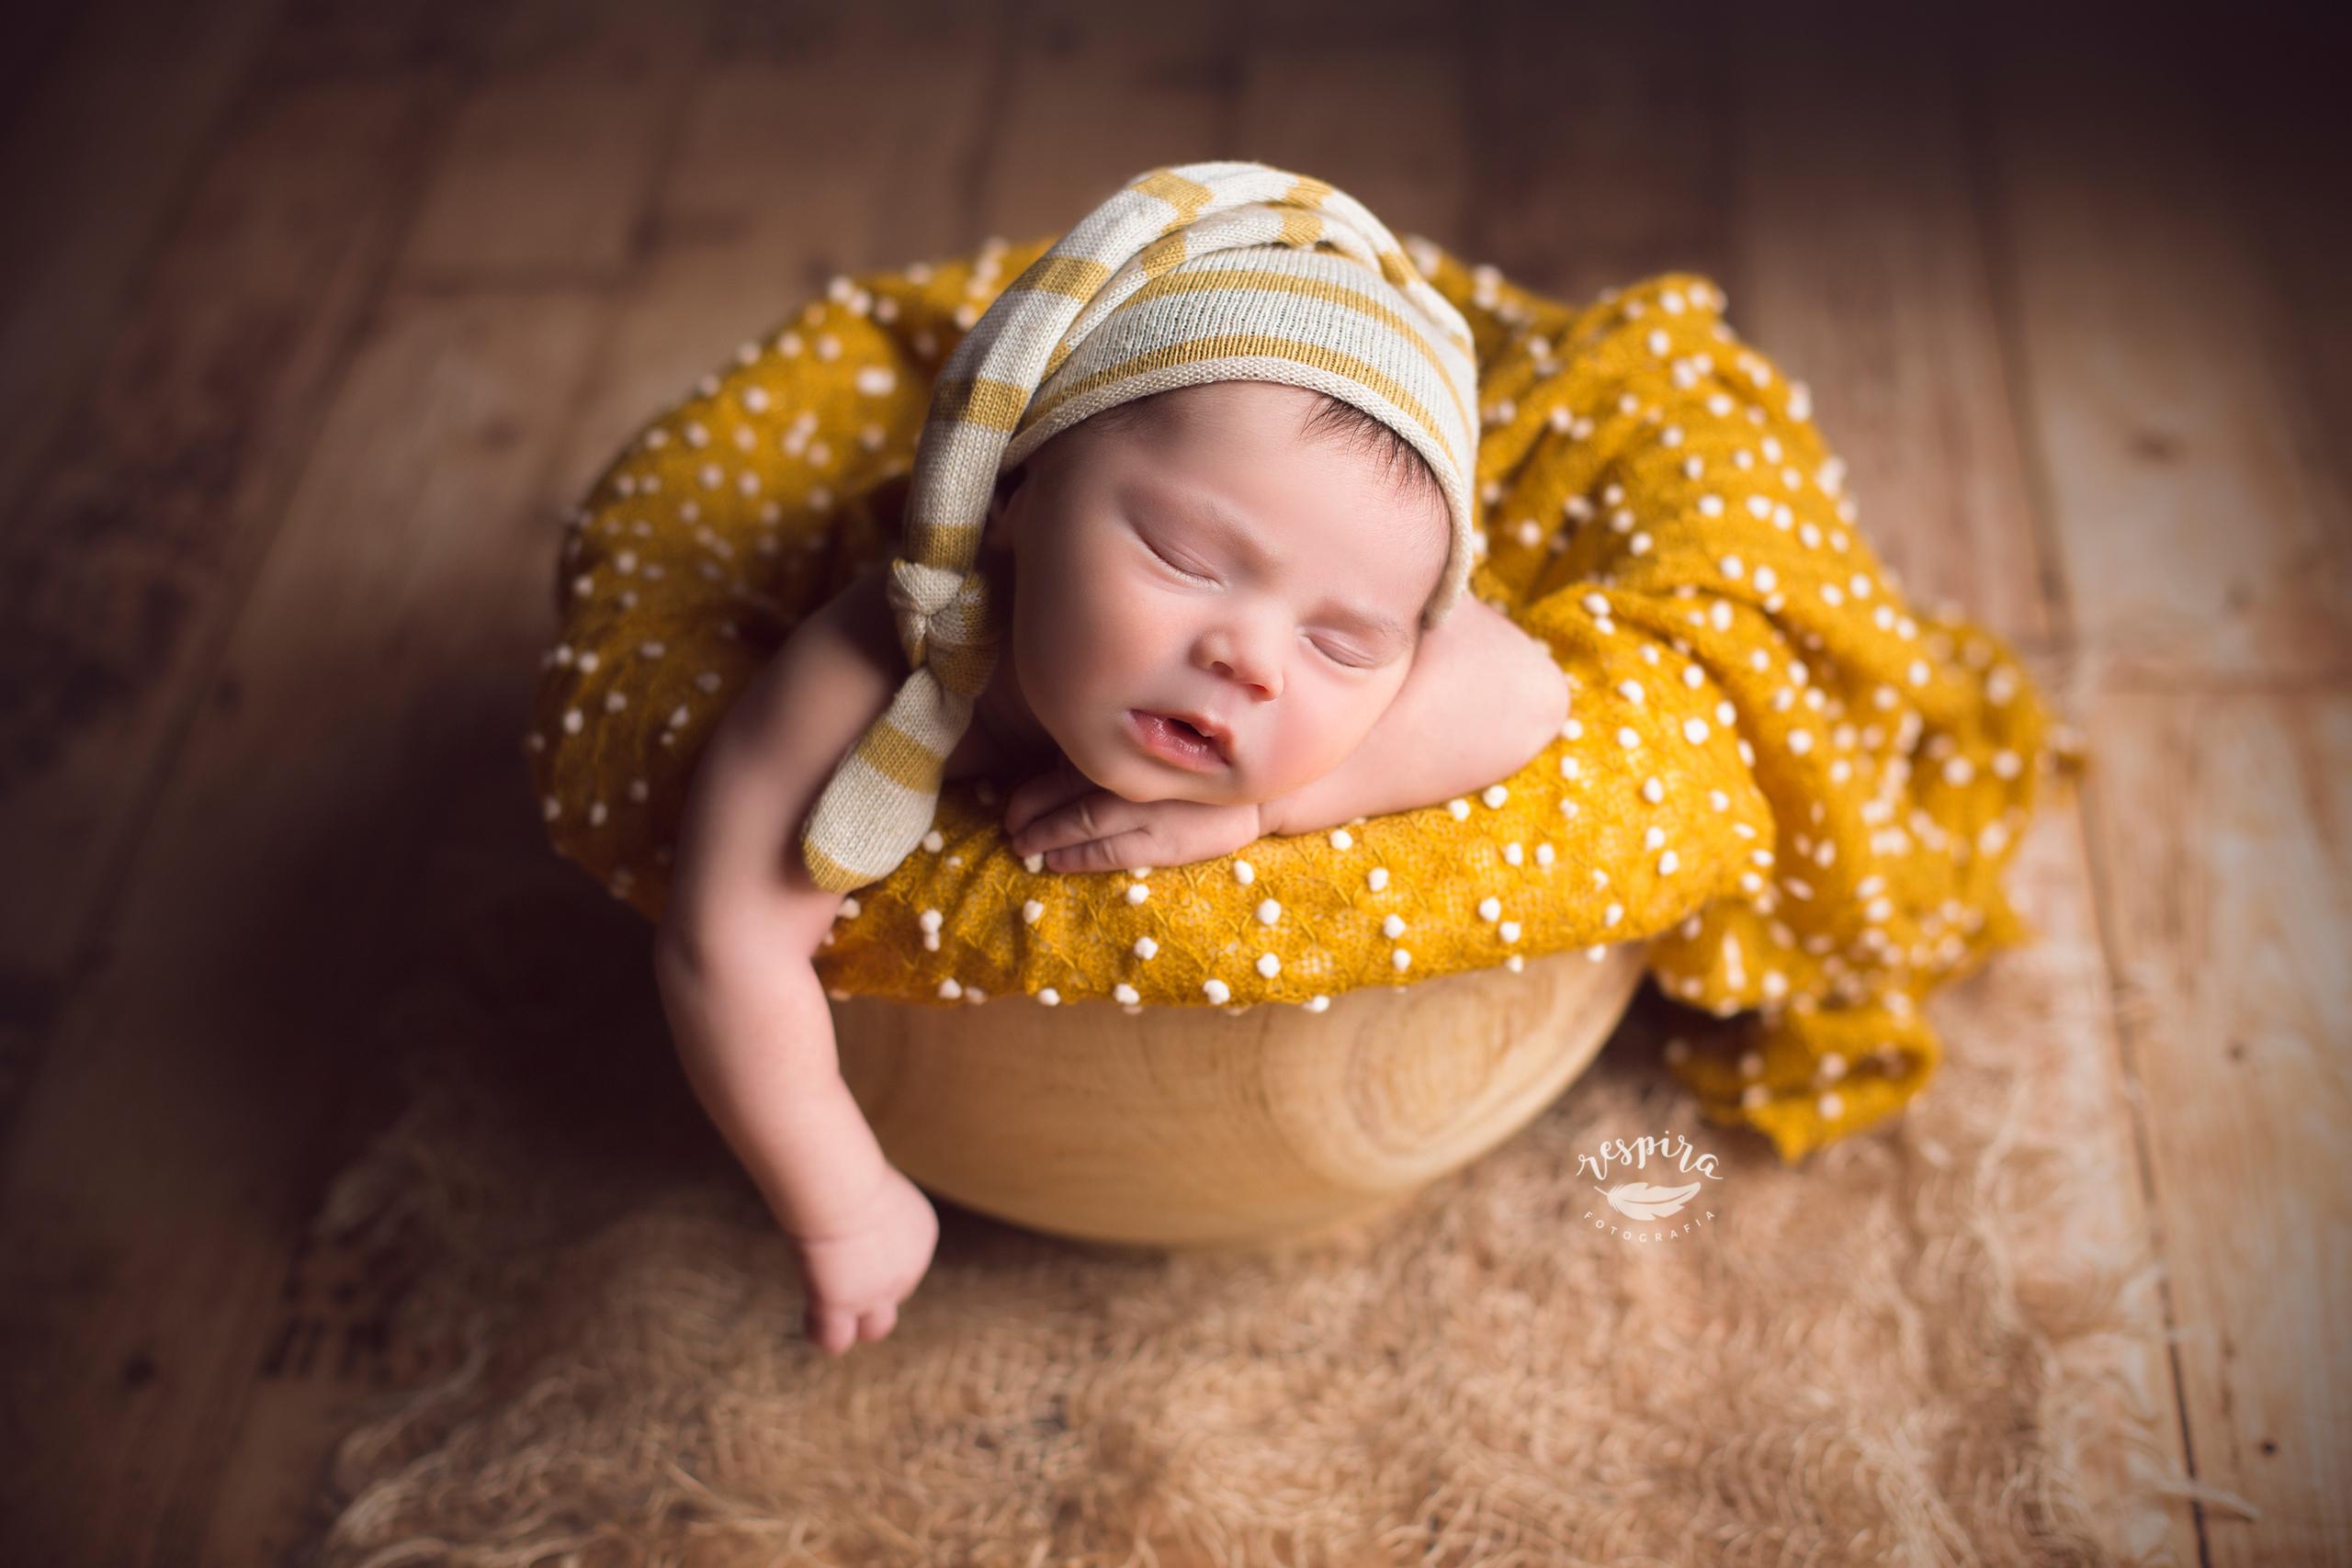 Fotograf de bebes newborn a barcelona olesa